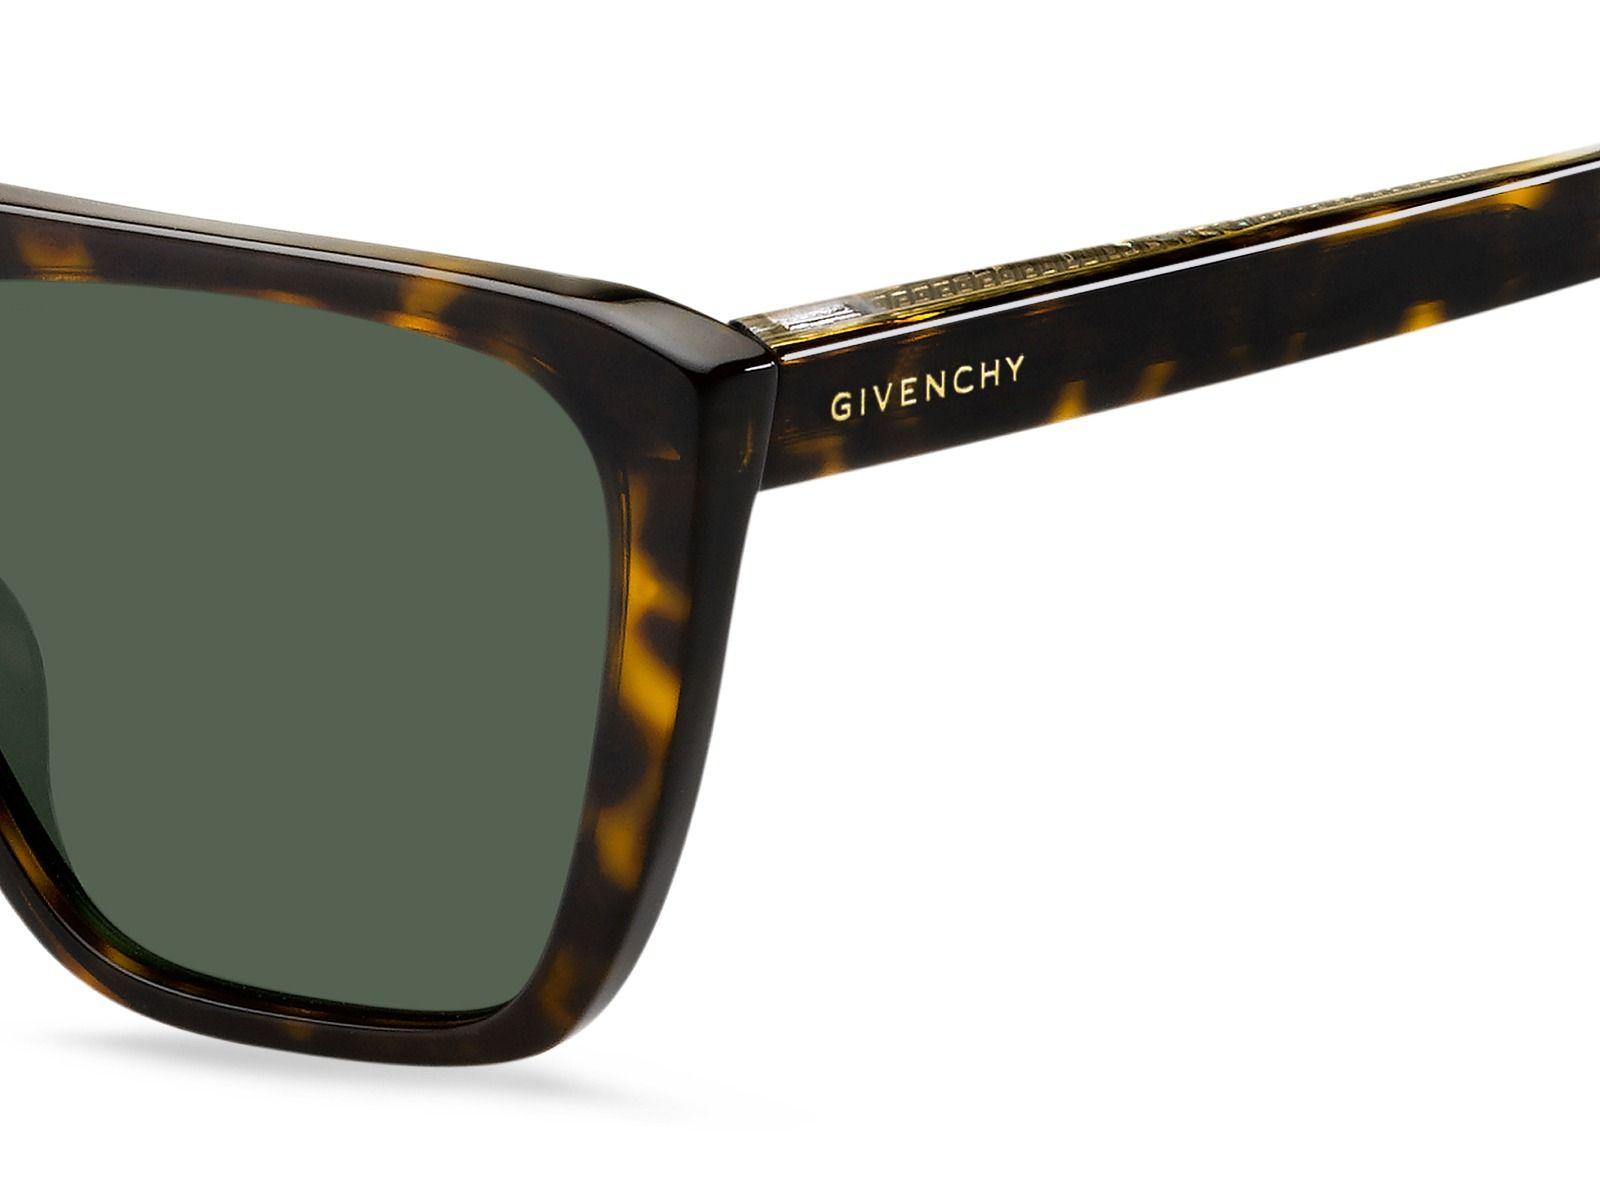 Givenchy Givenchy 0110 Eyeglasses - Givenchy Authorized